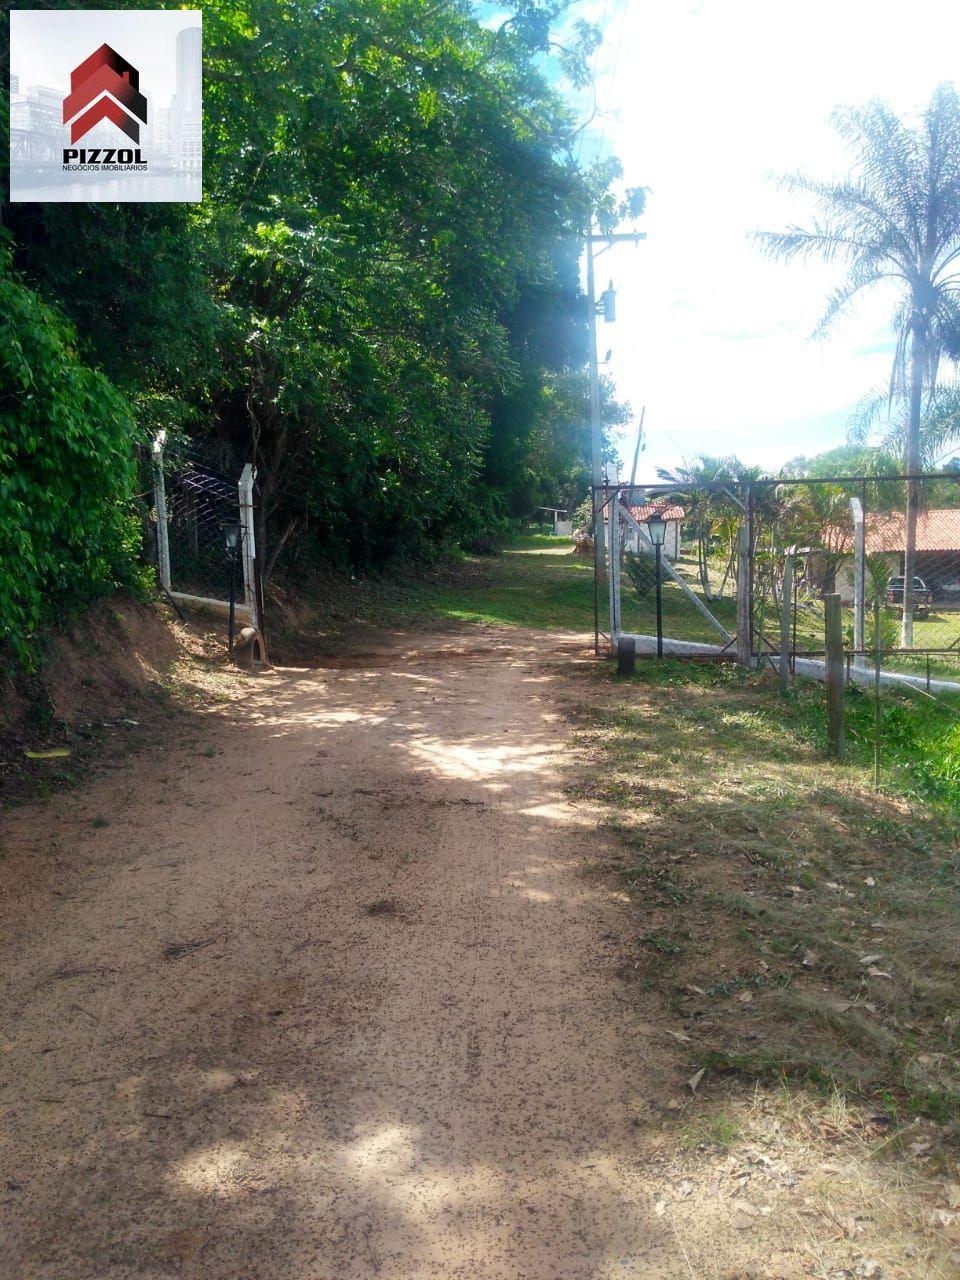 Fazenda/sítio/chácara/haras à venda  no Zona Rural - Tietê, SP. Imóveis